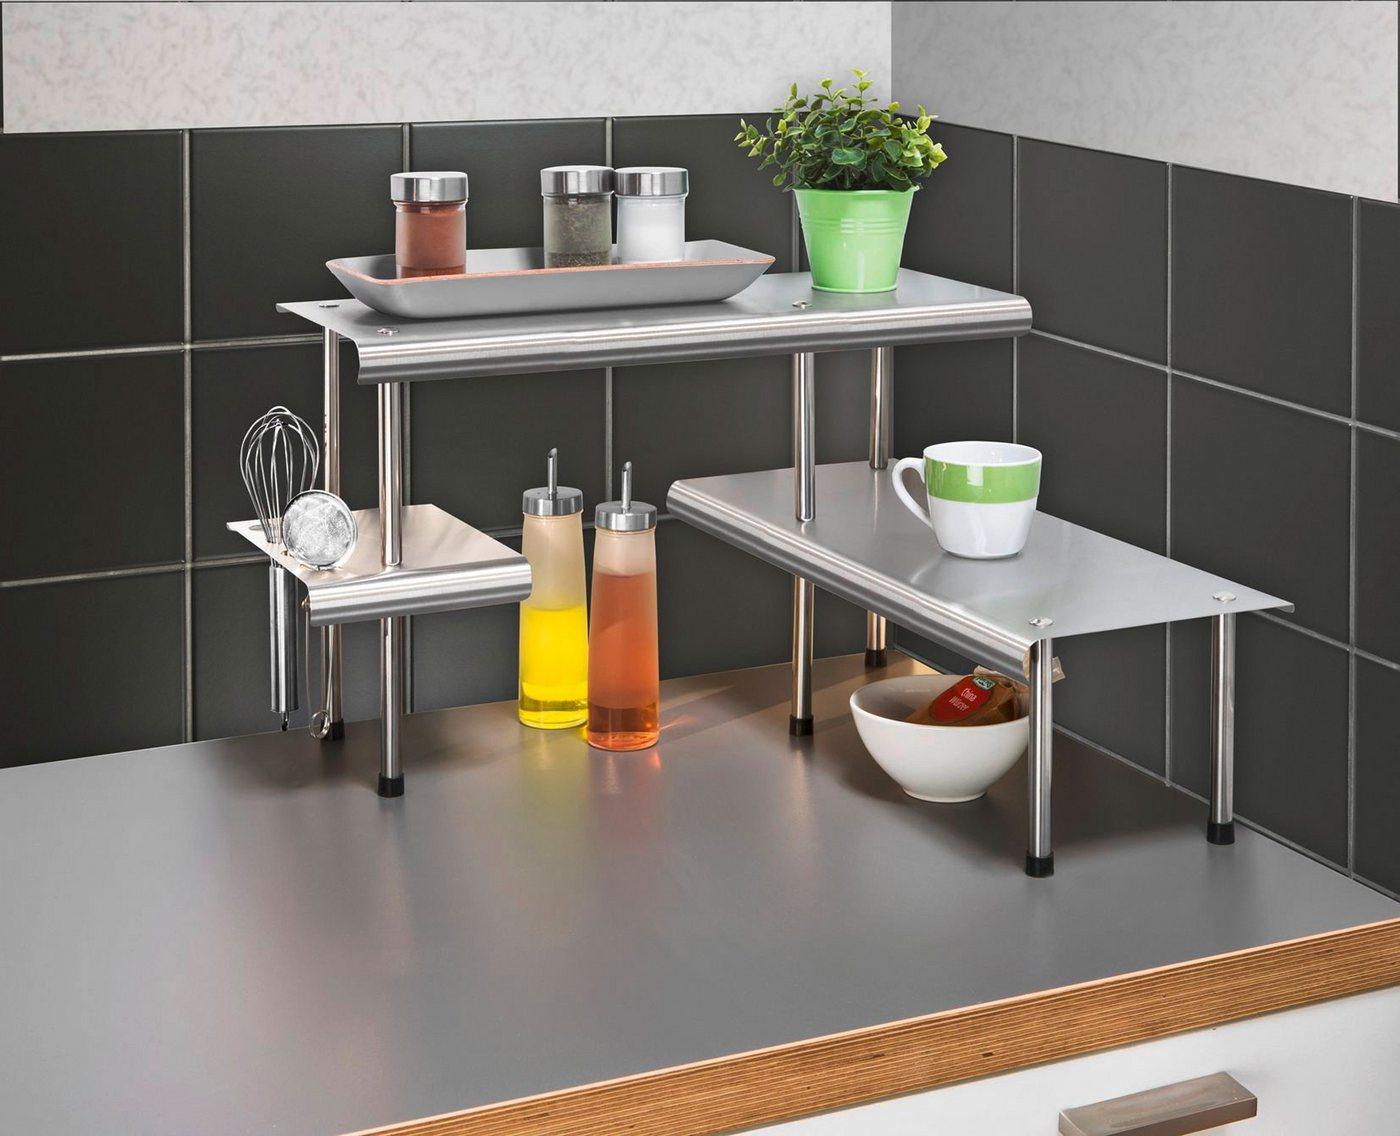 WENKO Küchen-Eckregal »Massivo« Trio mit 3 Ablagen | Küche und Esszimmer > Küchenregale > Küchen-Standregale | WENKO